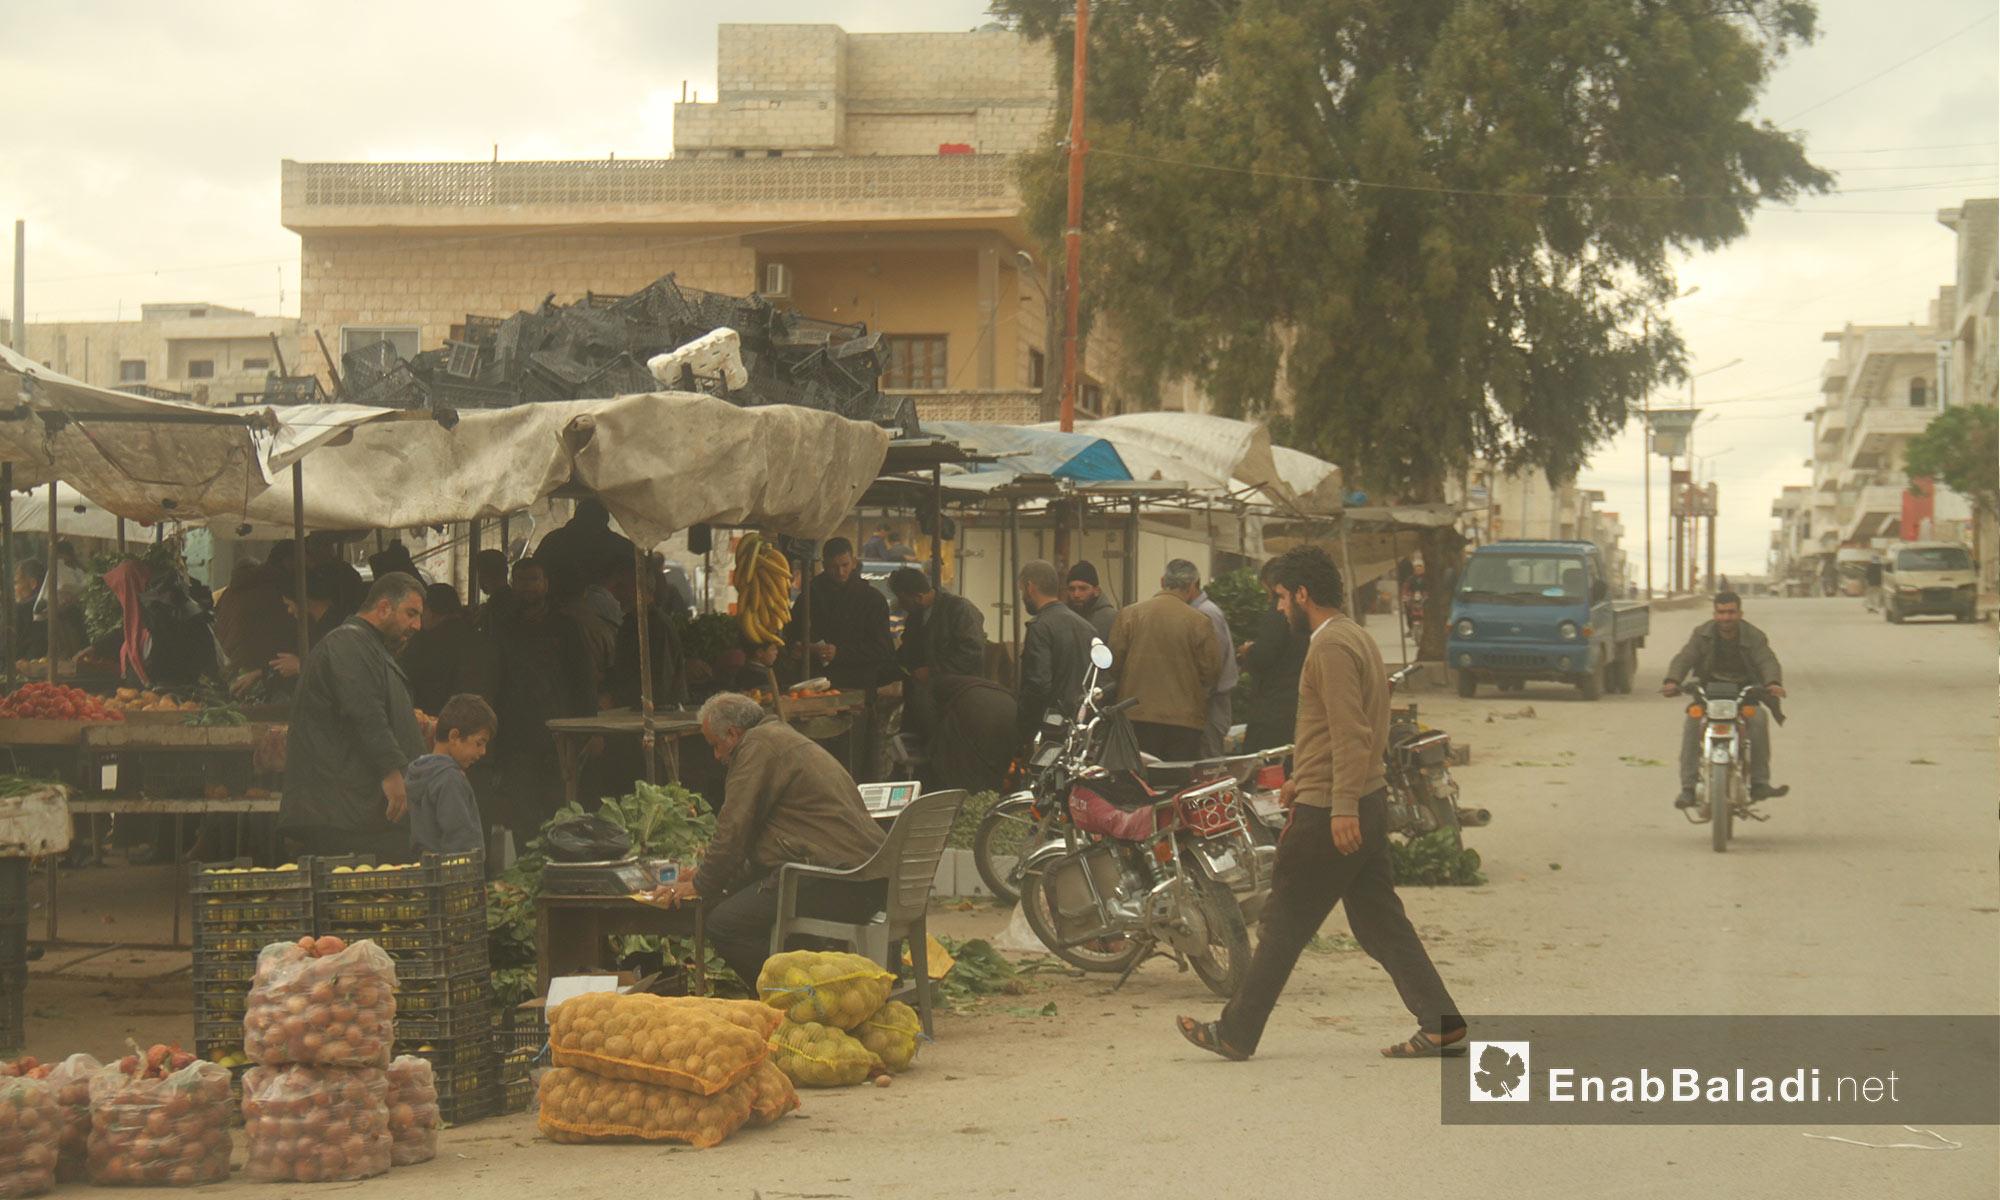 سوق الخضار في خان شيخون بإدلب - 14 نيسان 2017 (عنب بلدي)